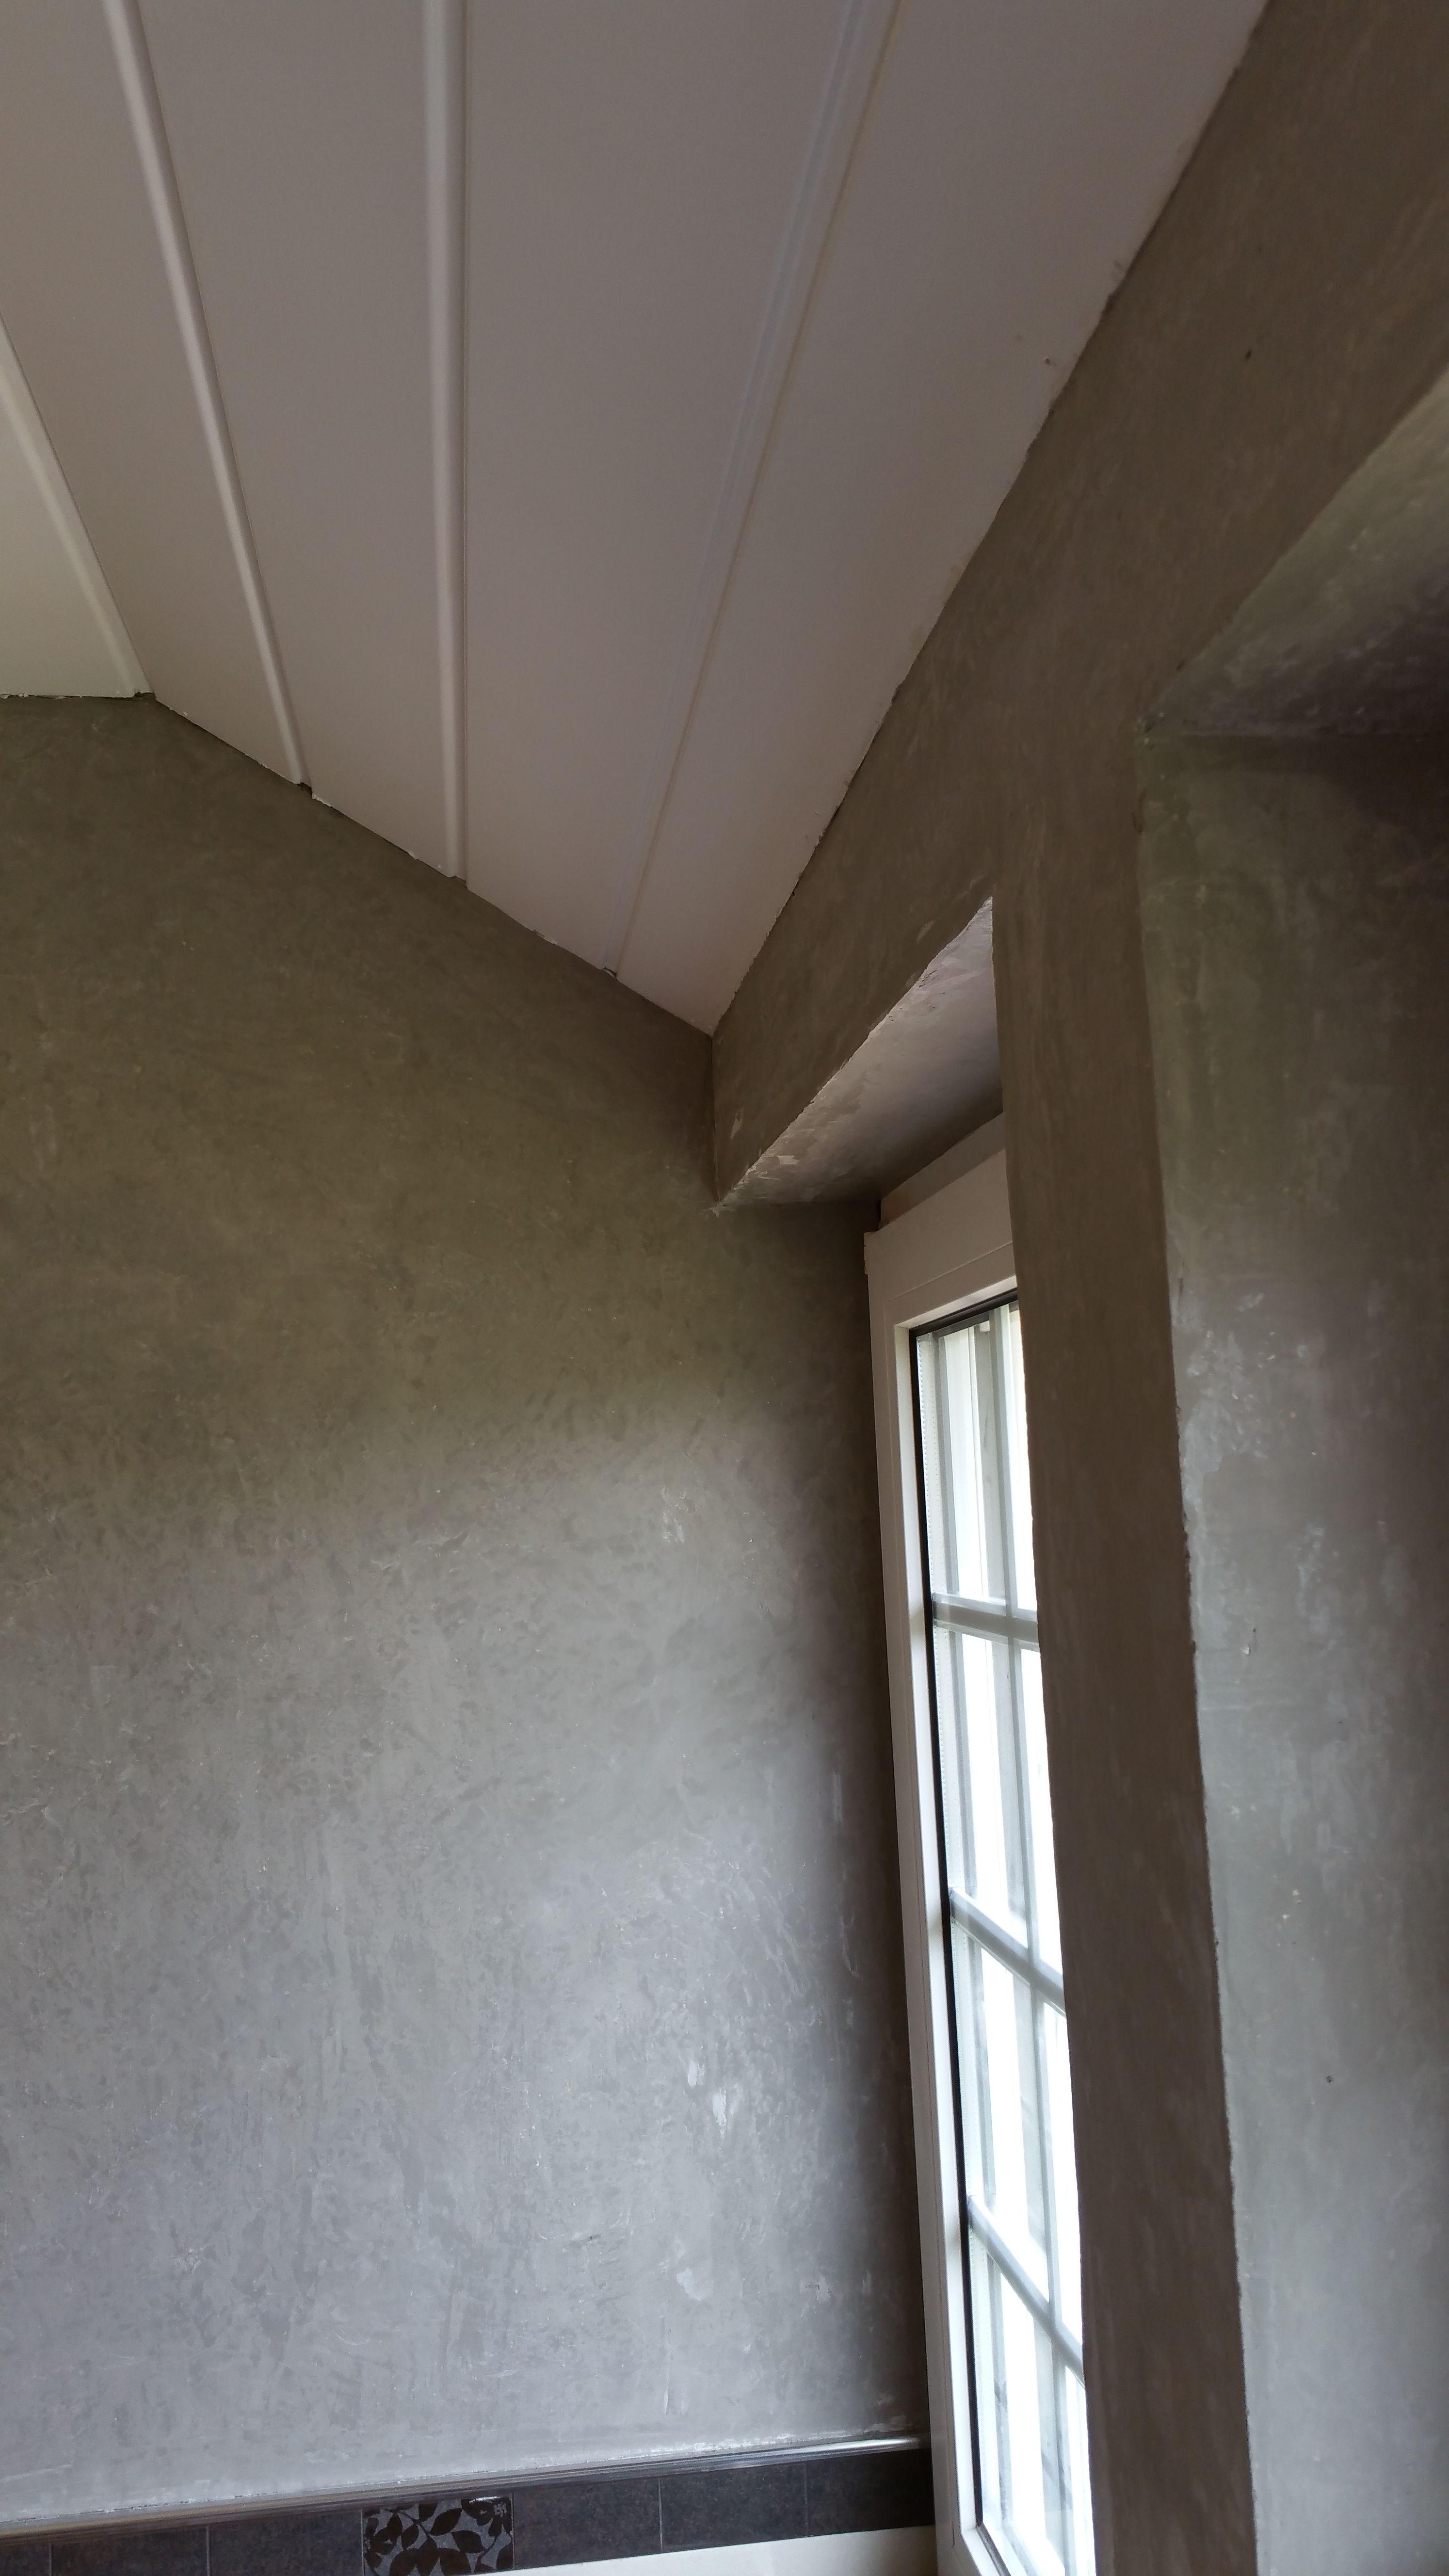 Putz wand wand in betonoptik tapete fliesen oder putz - Putz auf fliesen ...